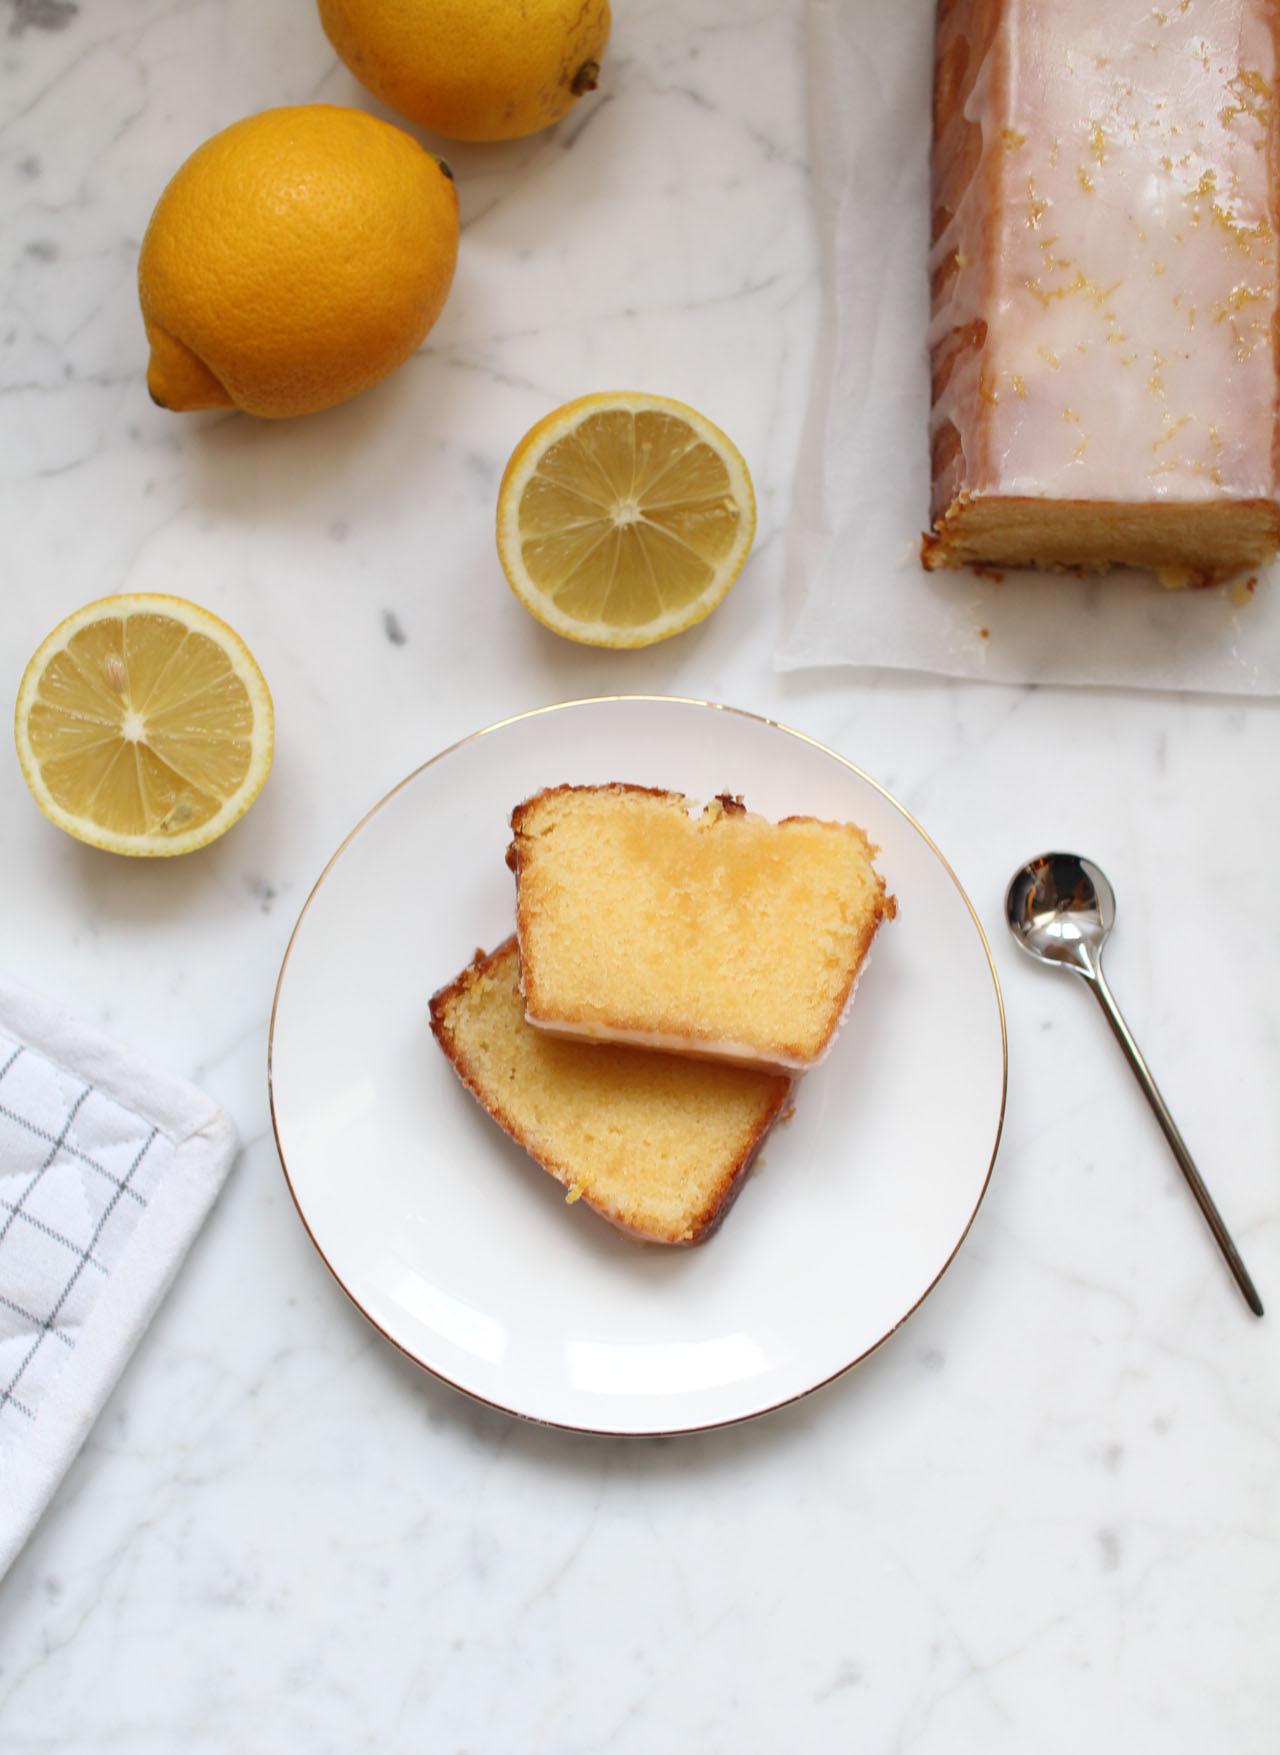 recette-meilleur-cake-citron-fondant